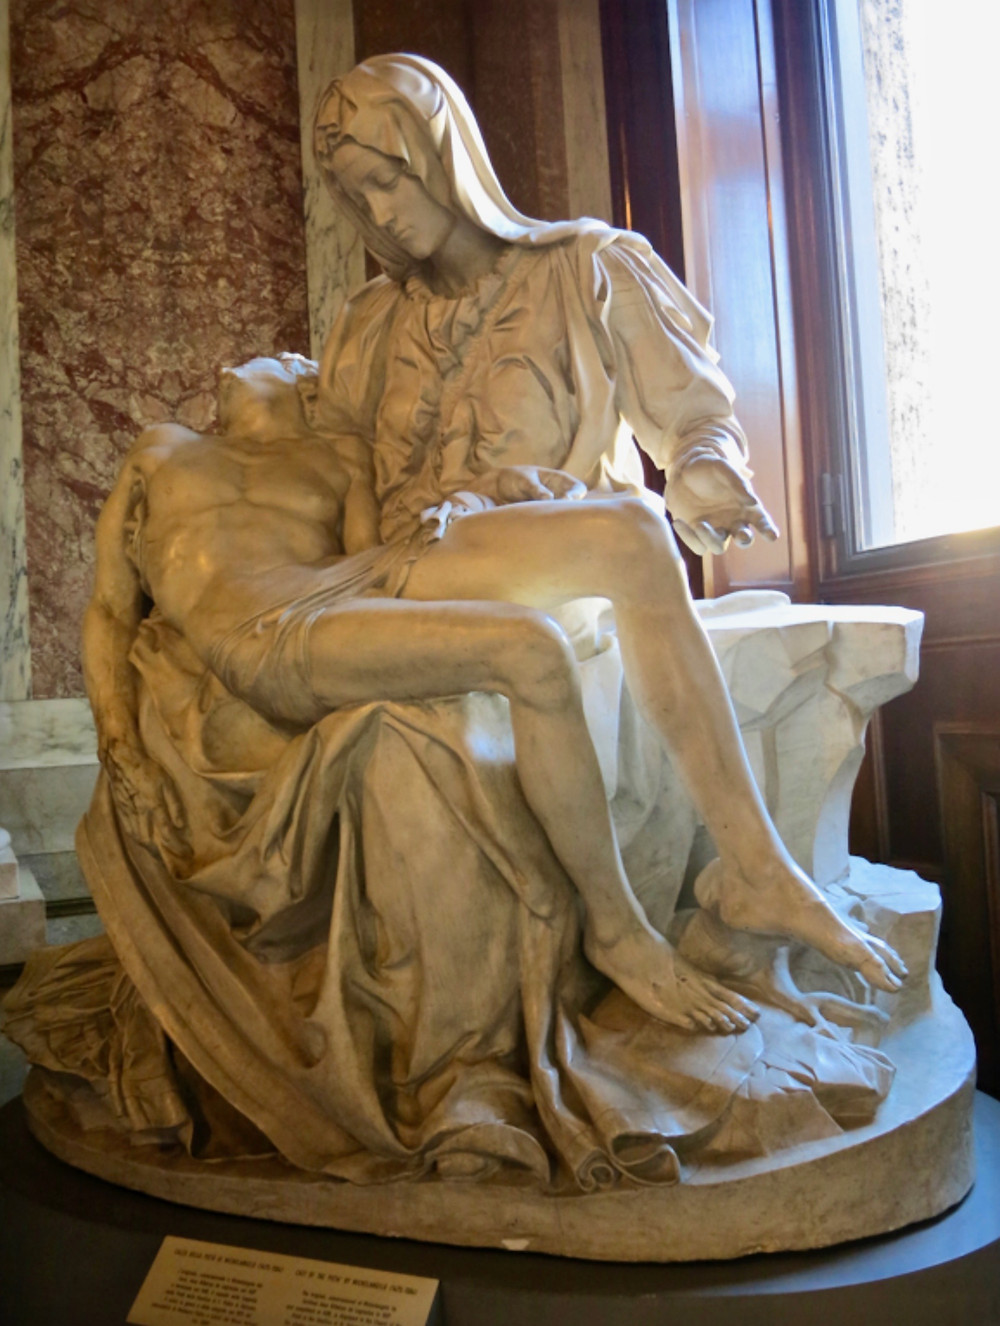 copy of Michelangelo's Pieta in the Vatican Pinacoteca